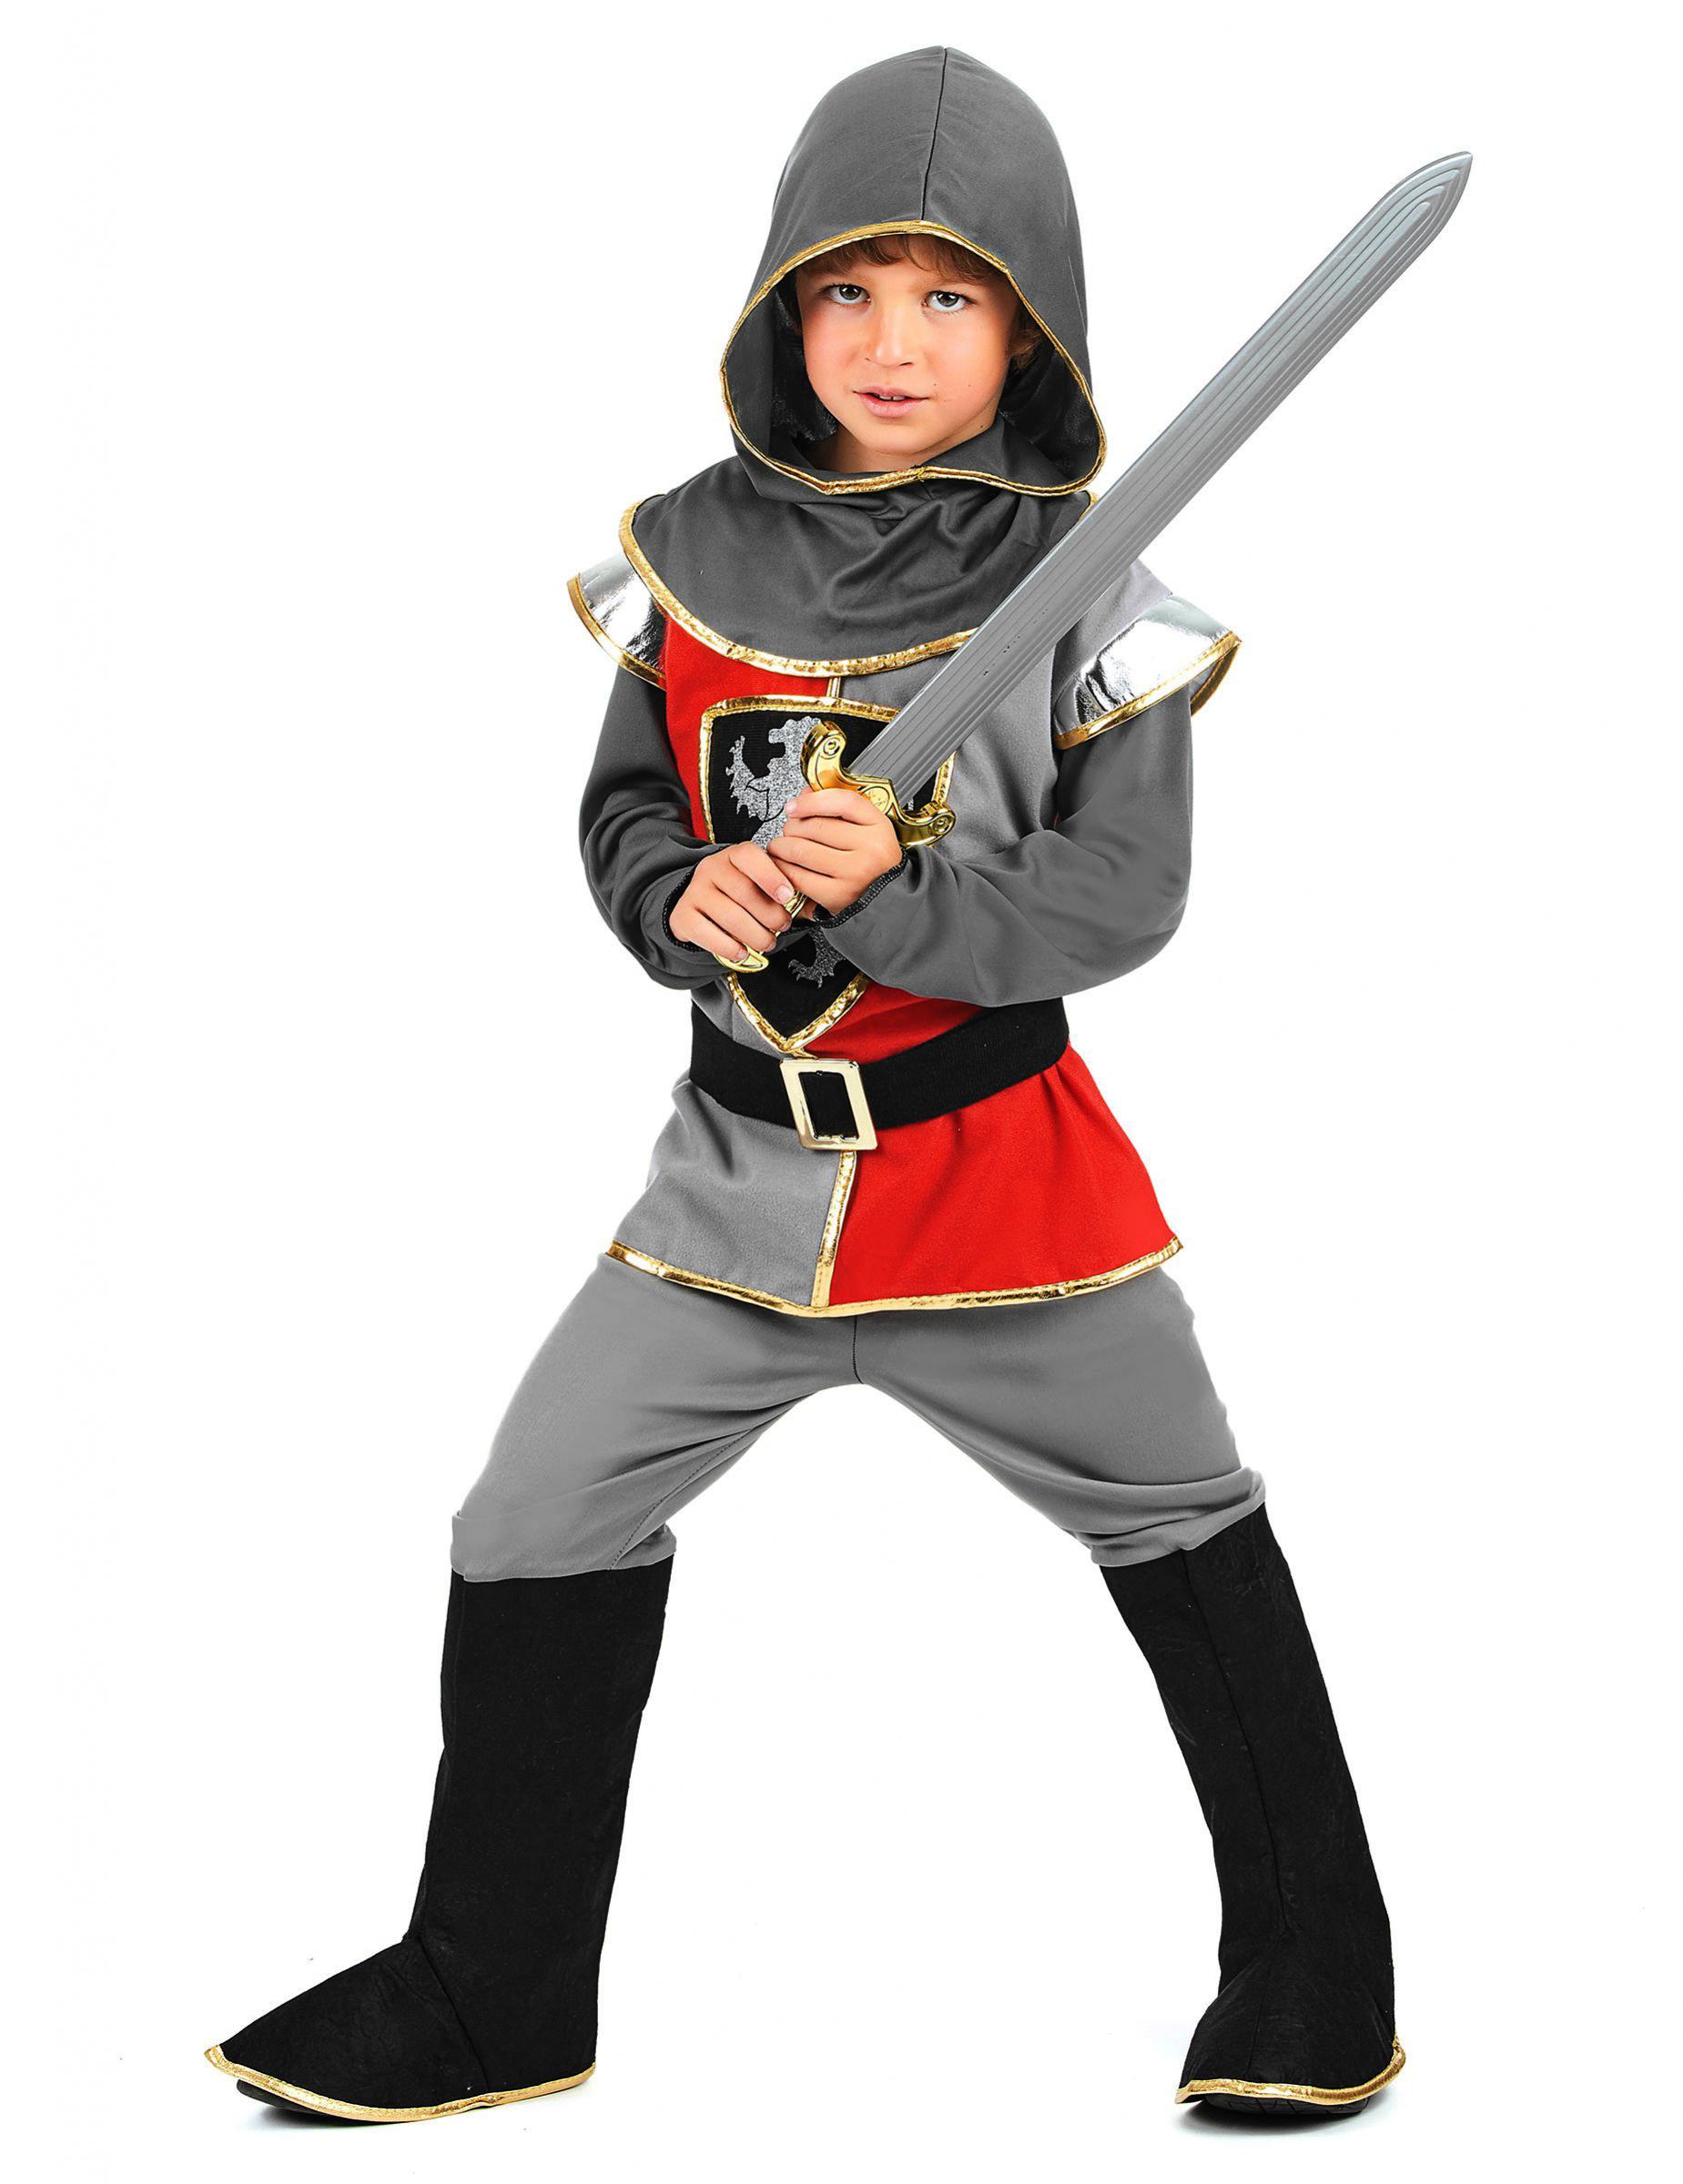 Ritter Jungenkostum Schwarz Grau Rot Kostume Fur Kinder Und